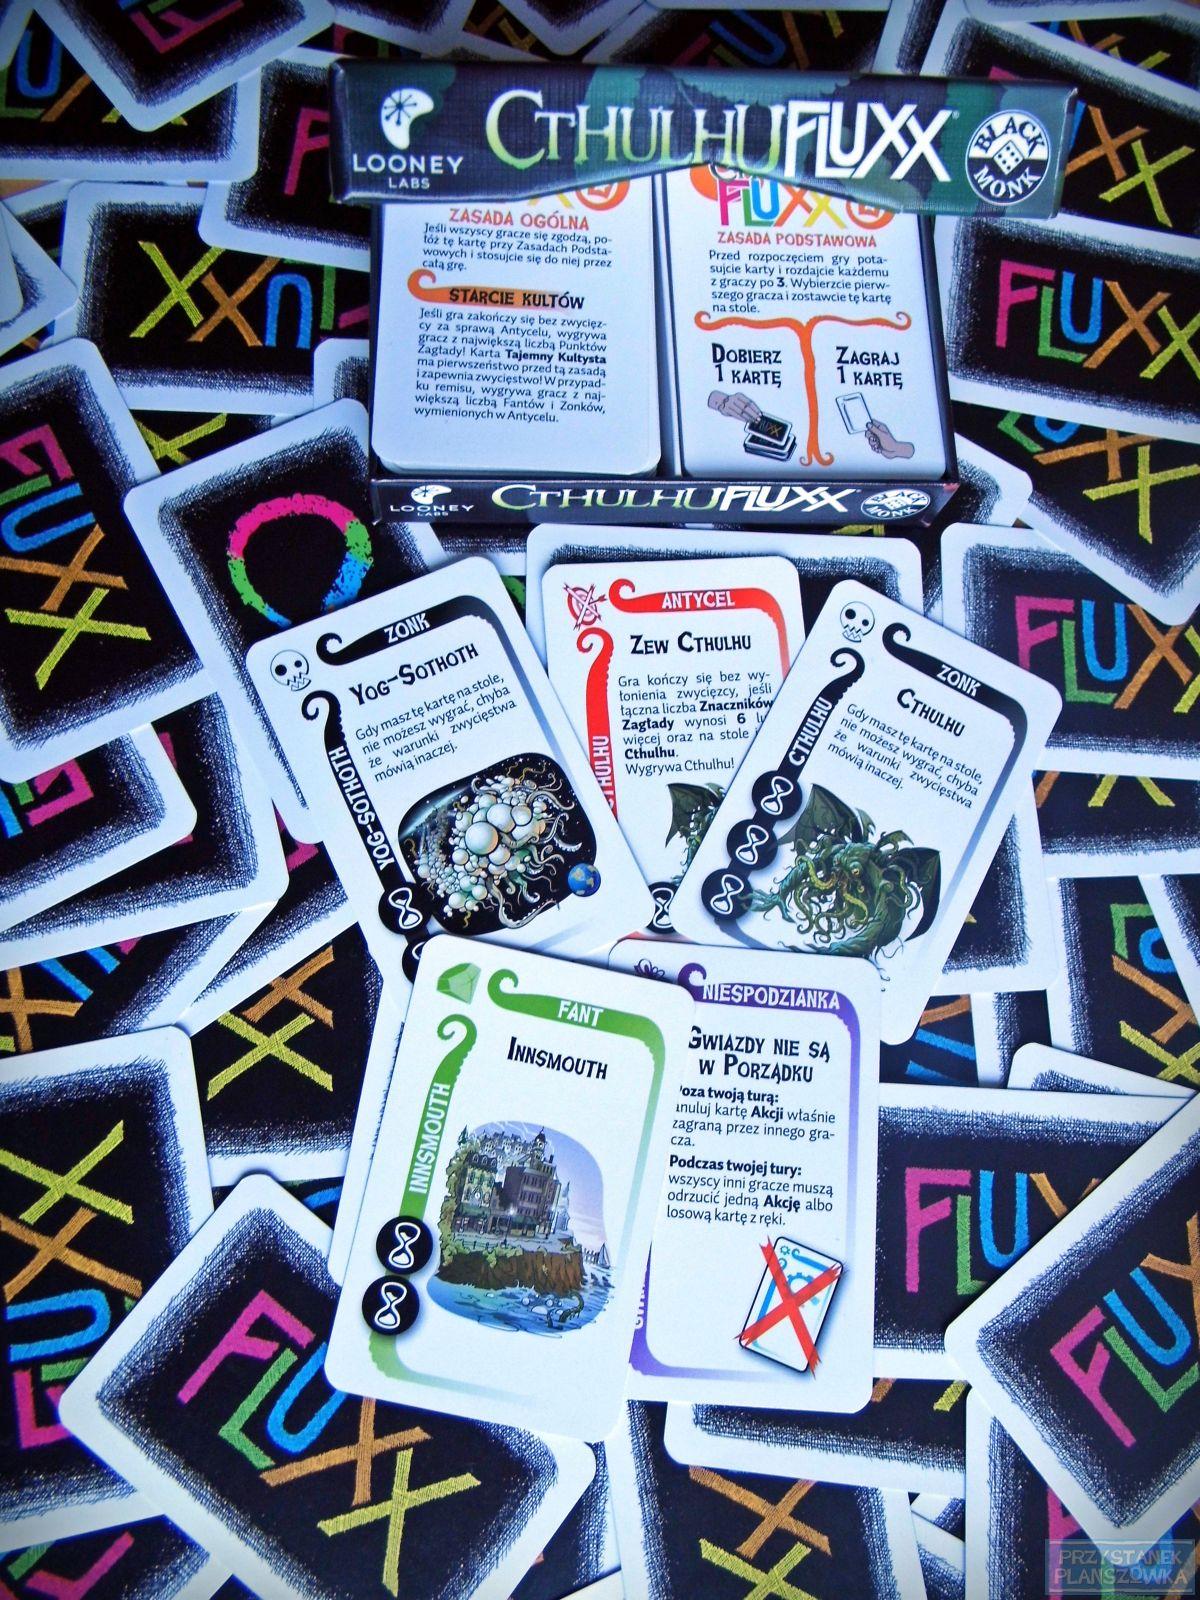 Fluxx 07